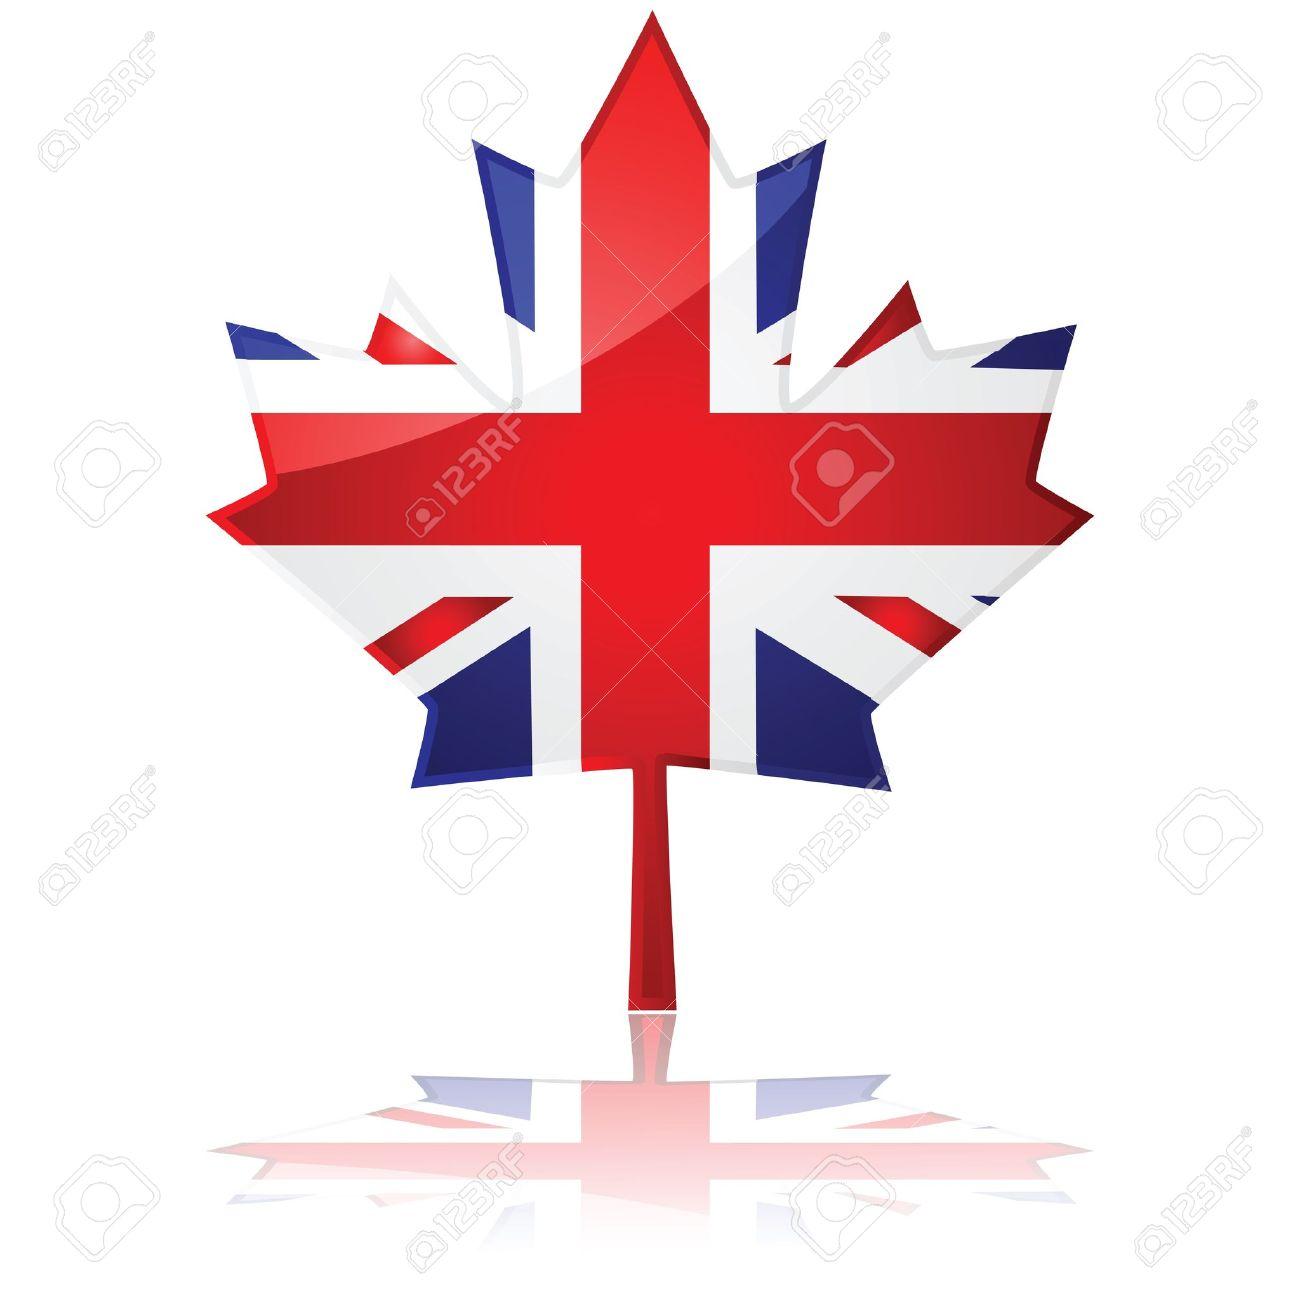 flag of britain shaped like canada u0027s maple leaf symbolizing